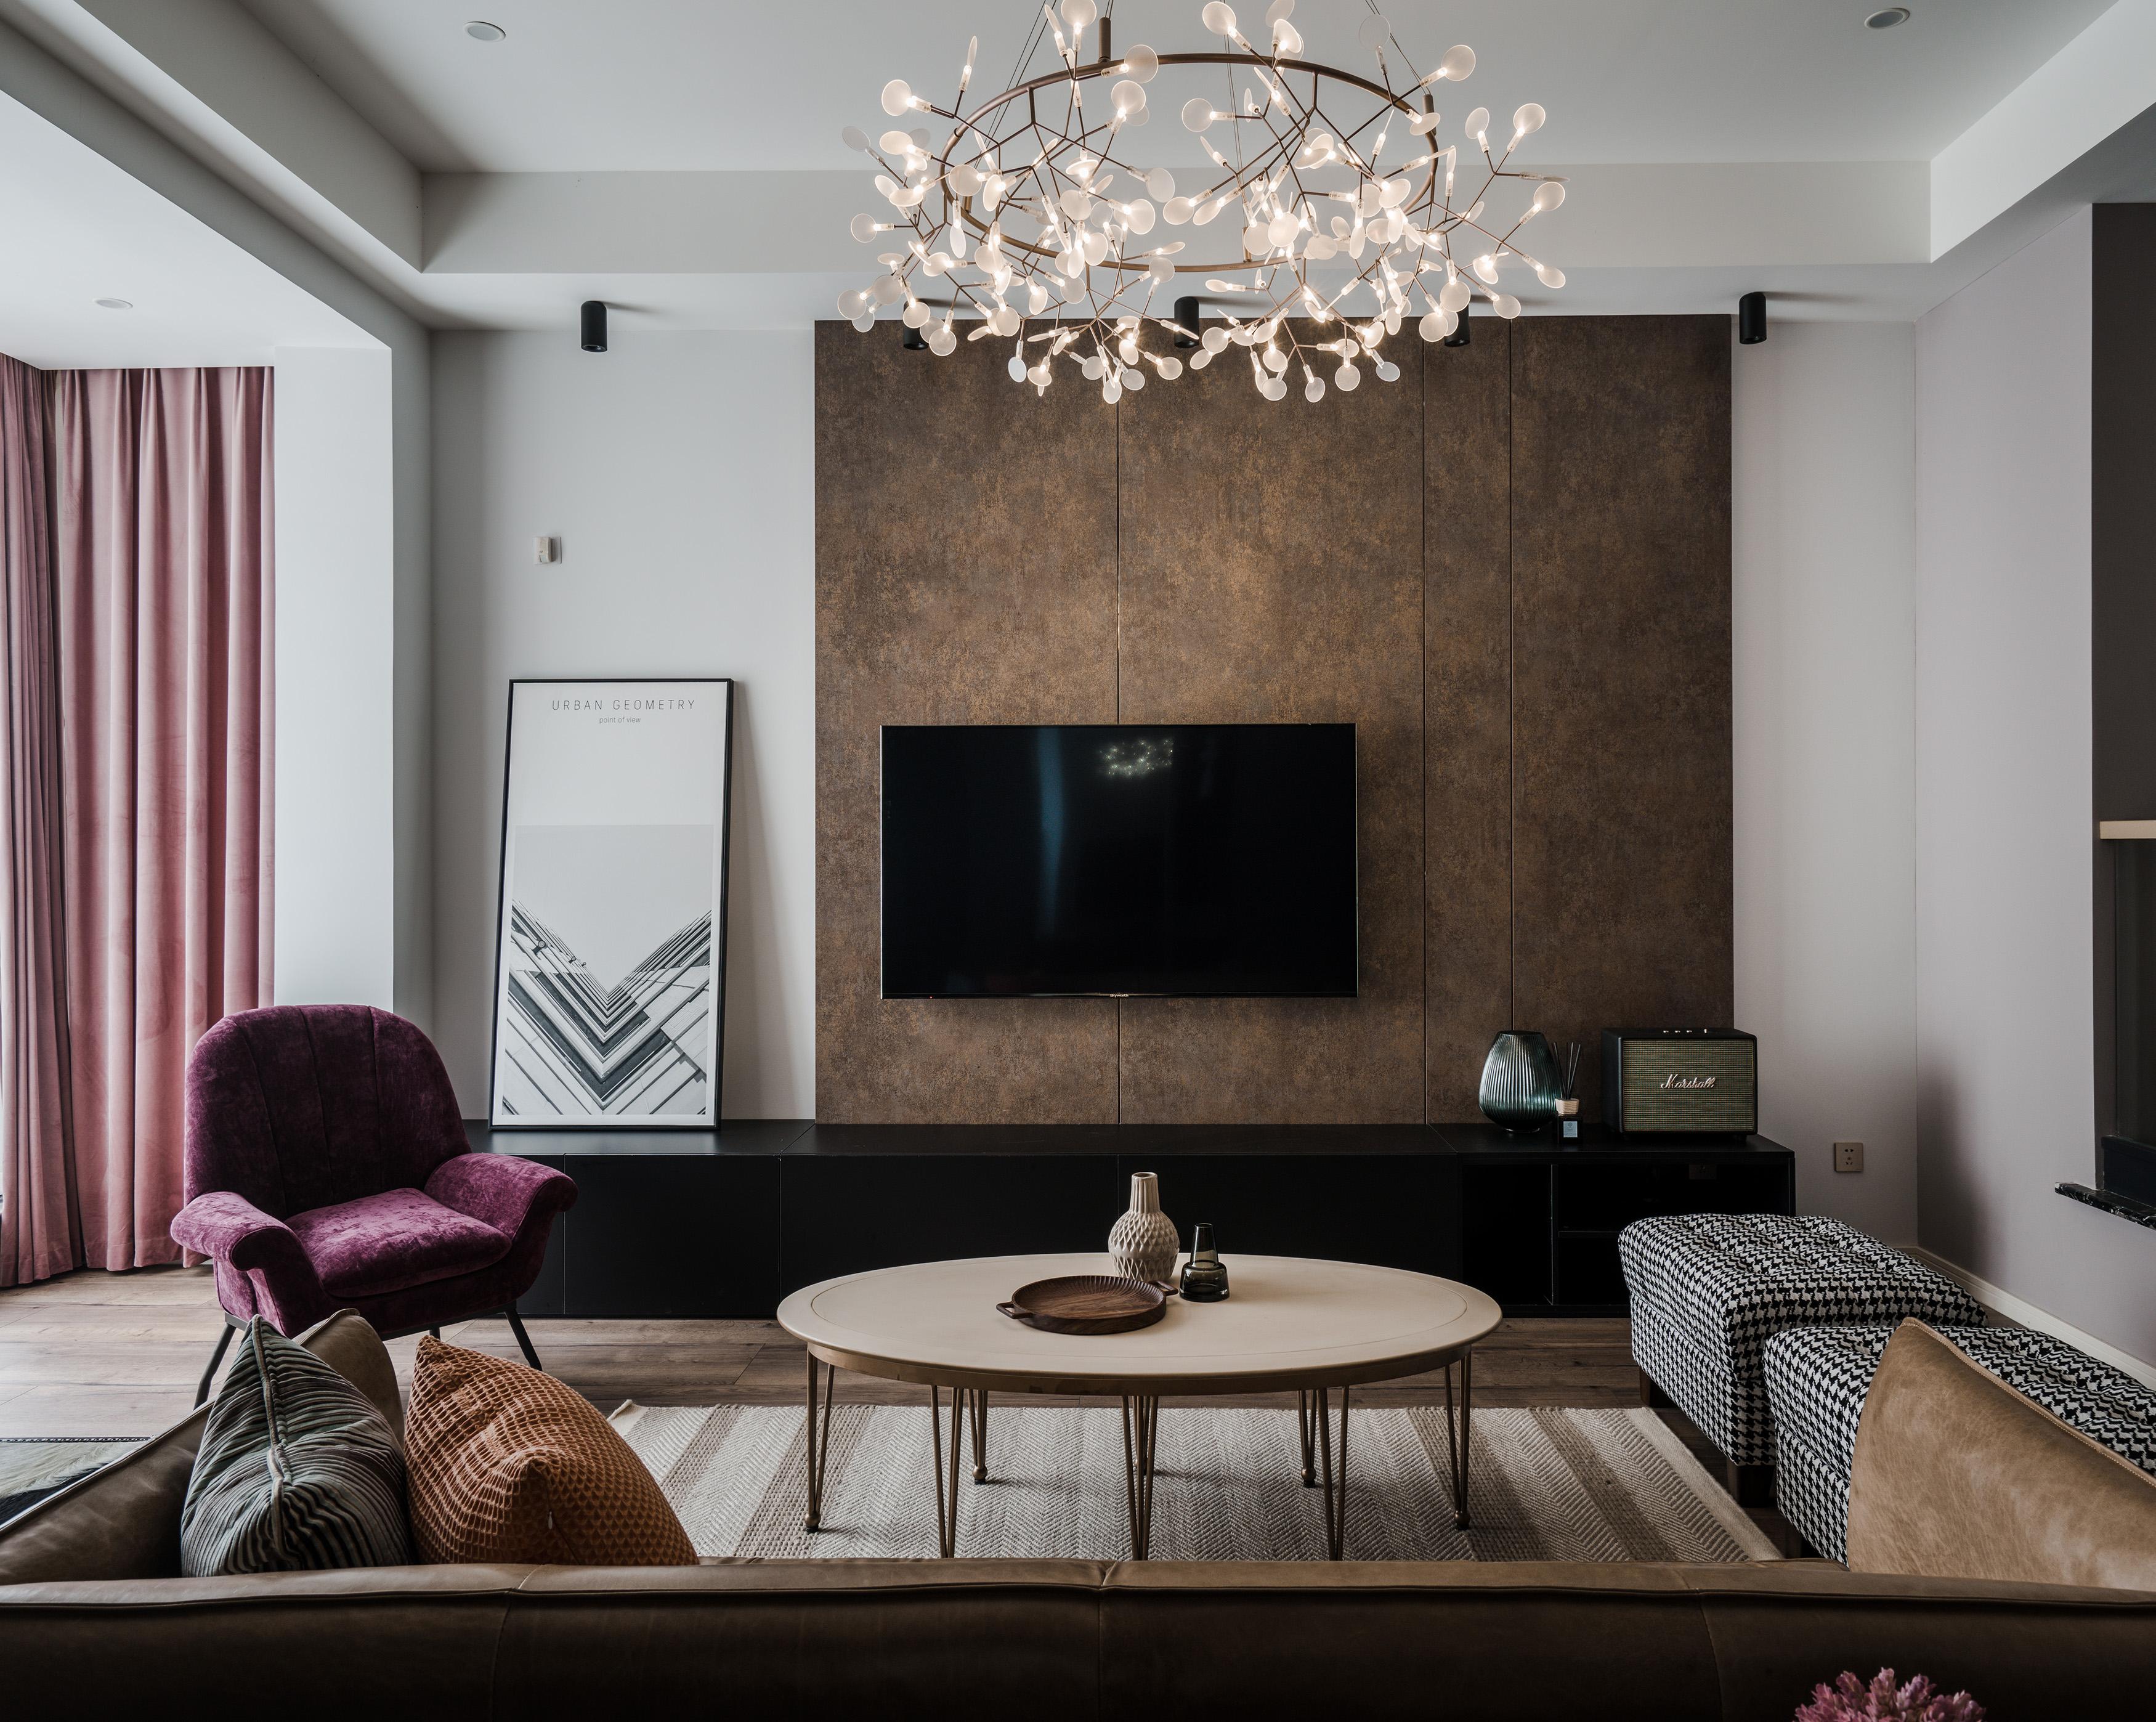 混搭风格别墅电视背景墙装修效果图